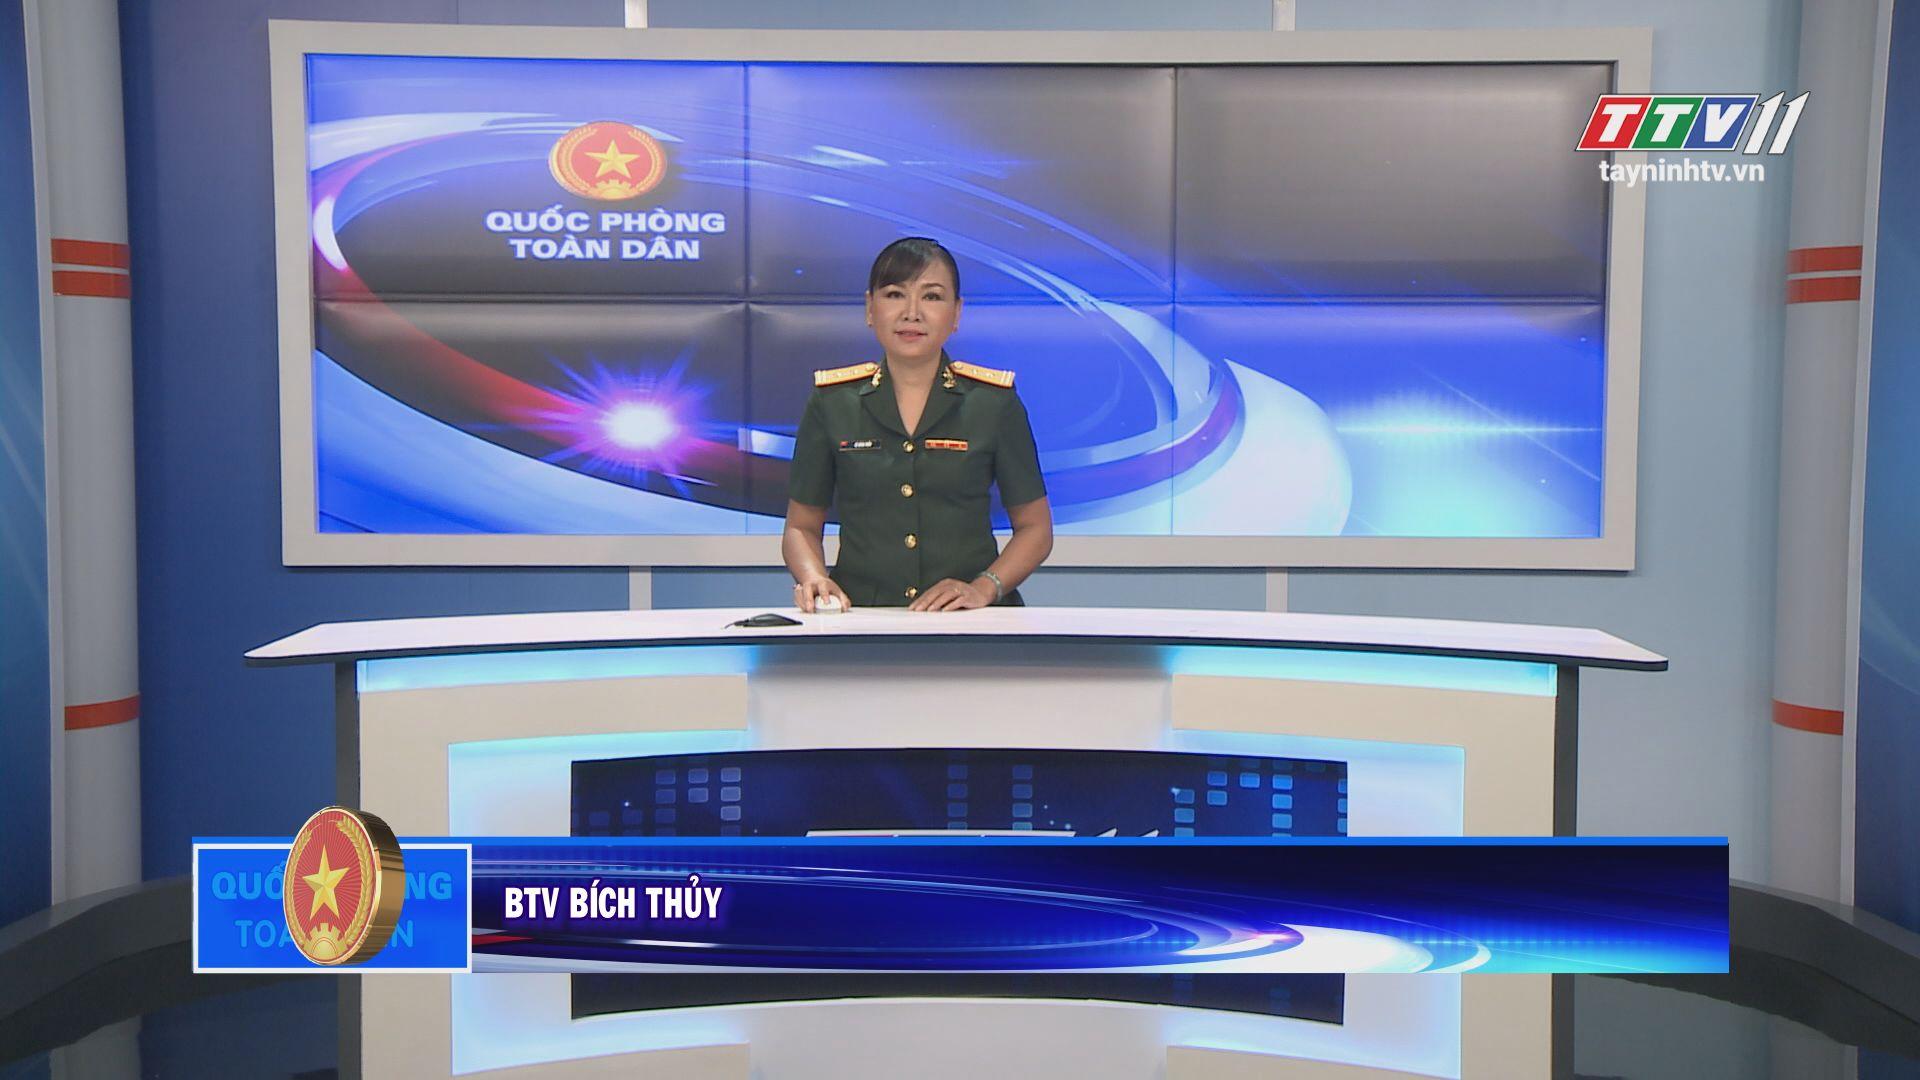 Lực lượng vũ trang Tây Ninh chặng đường vẻ vang và tiếp bước | QUỐC PHÒNG TOÀN DÂN | TayNinhTV